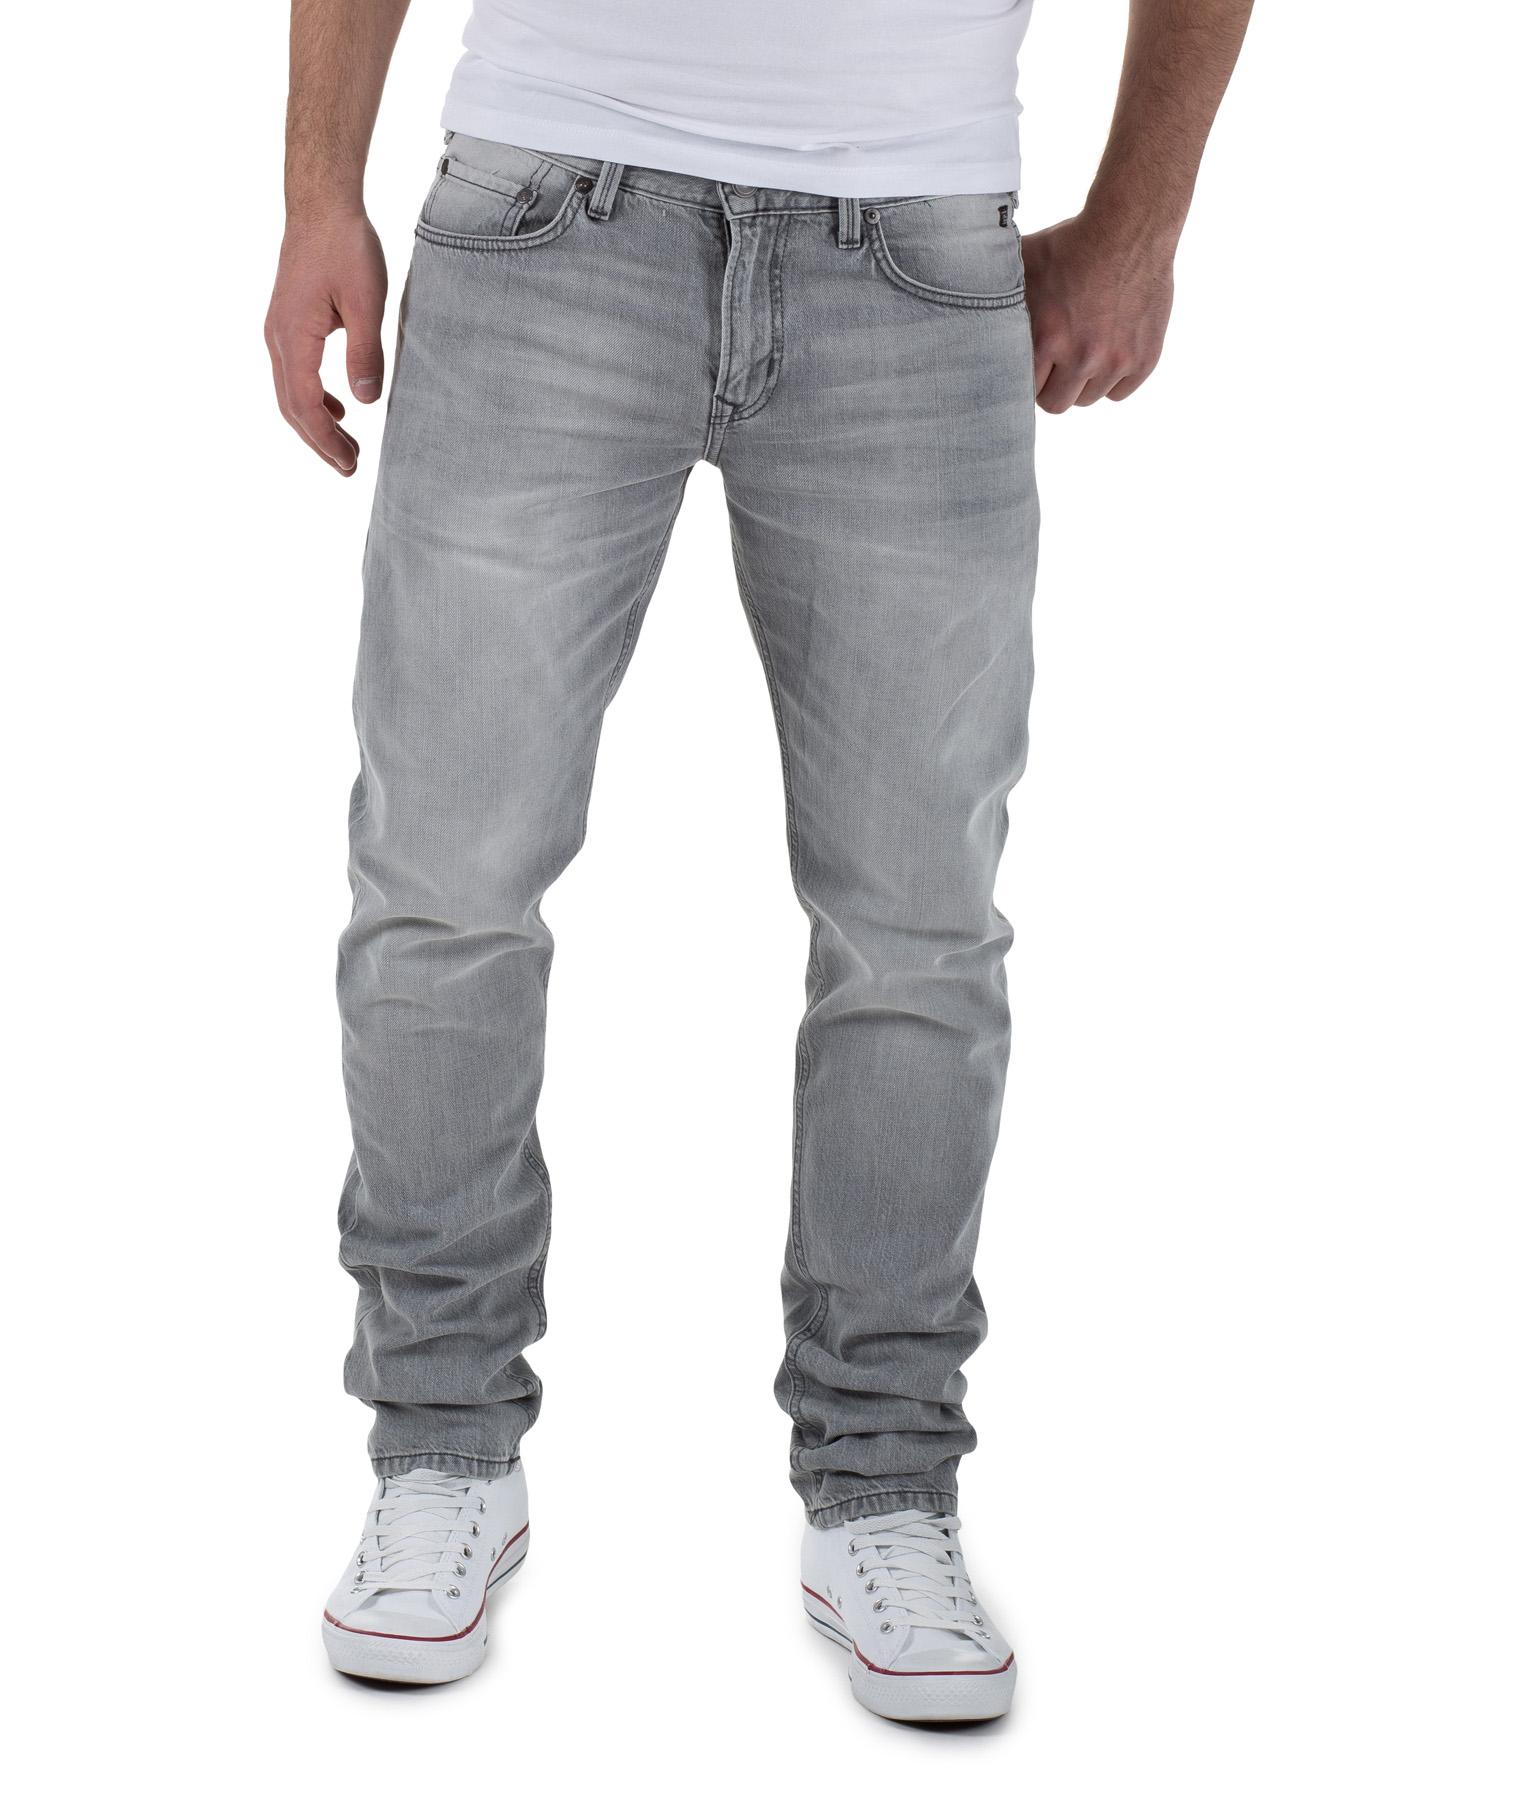 ltb jeans herren hose 2012 star mod 7576 grau d g ebay. Black Bedroom Furniture Sets. Home Design Ideas